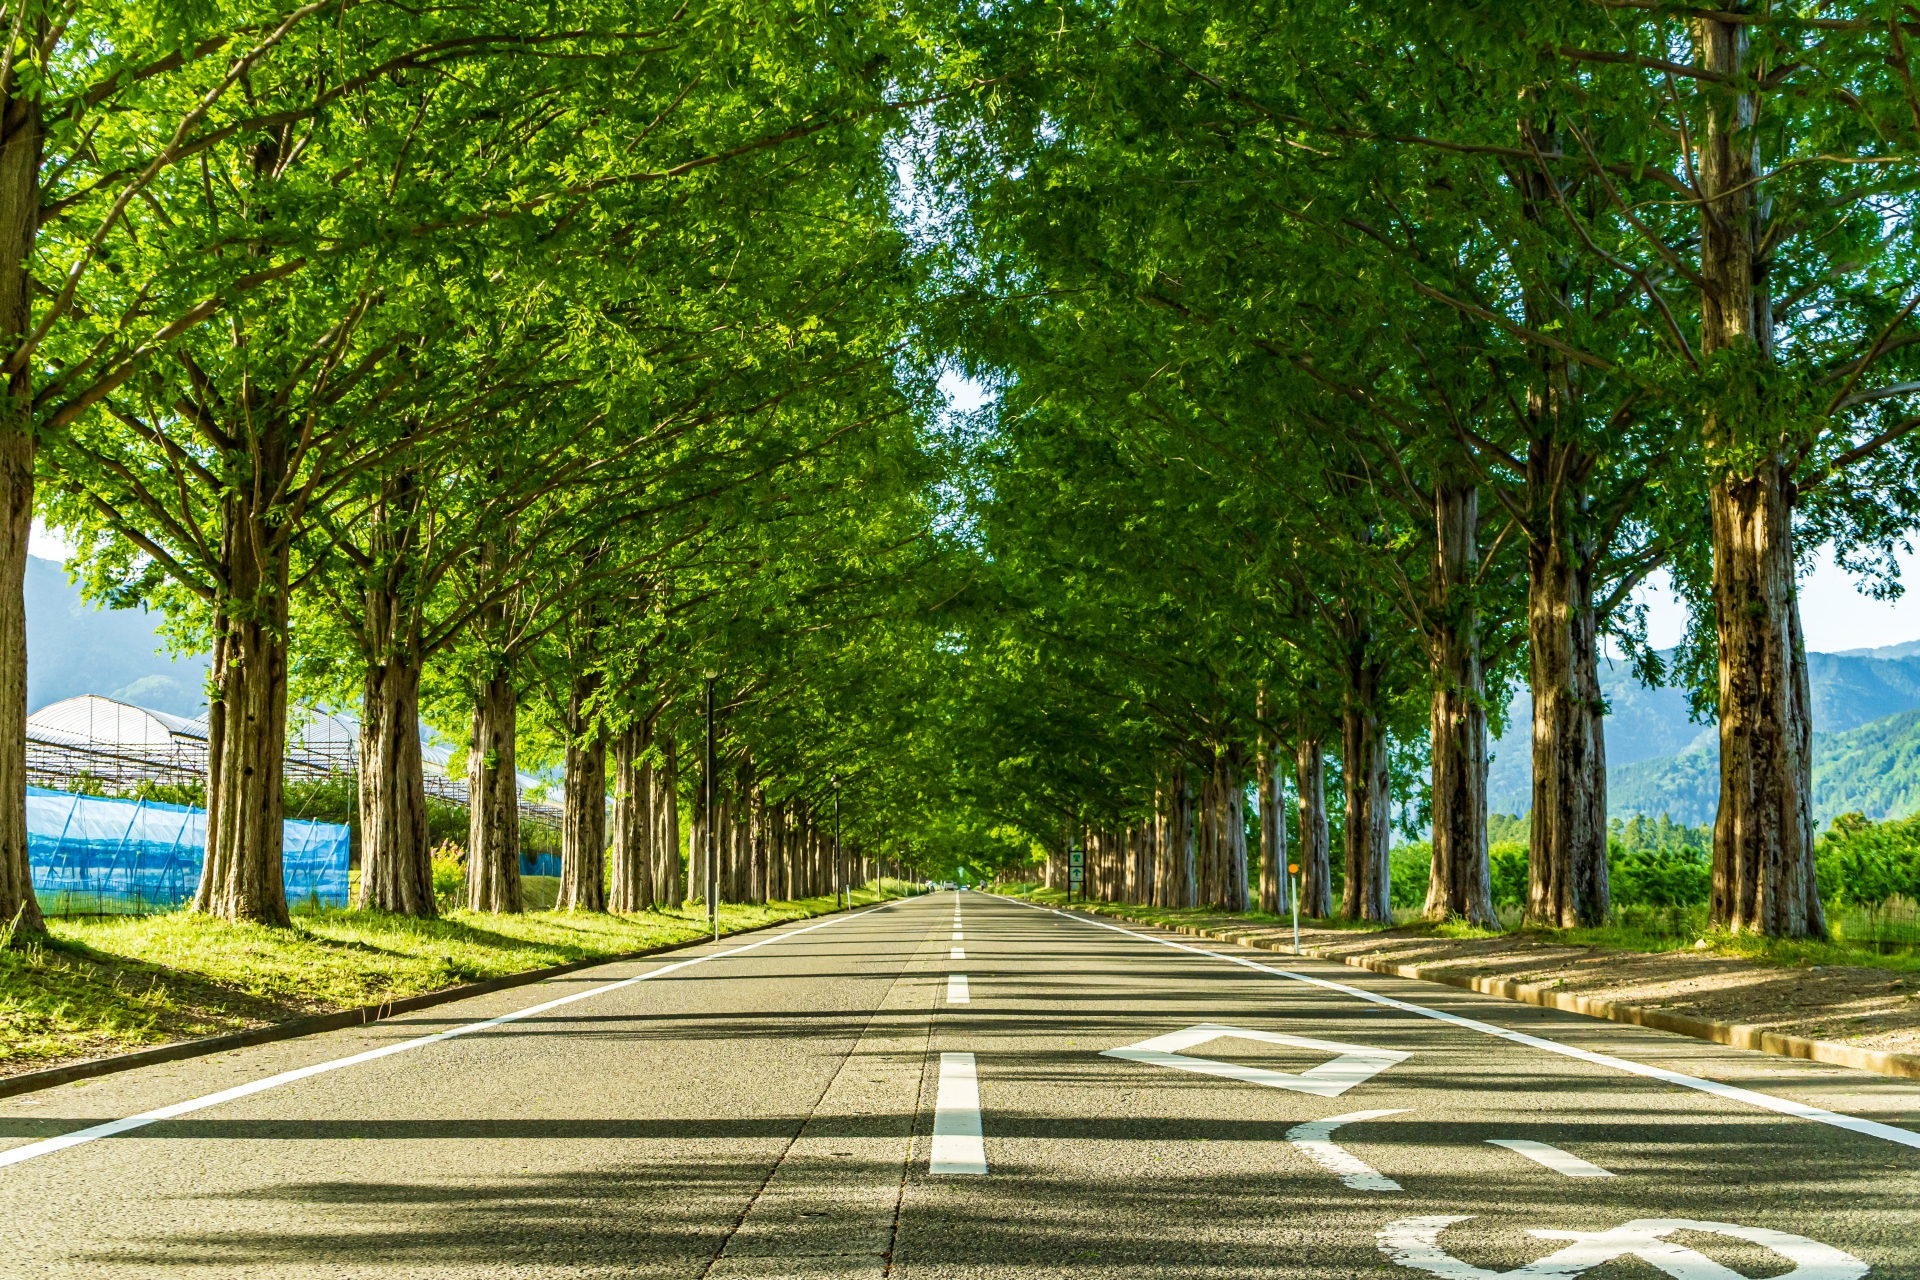 2494320_m 滋賀県  メタセコイア並木(約2.4km続く絶景のメタセコイア並木! 新緑の季節におすすめのスポット。 写真の紹介、アクセス情報や駐車場情報など)